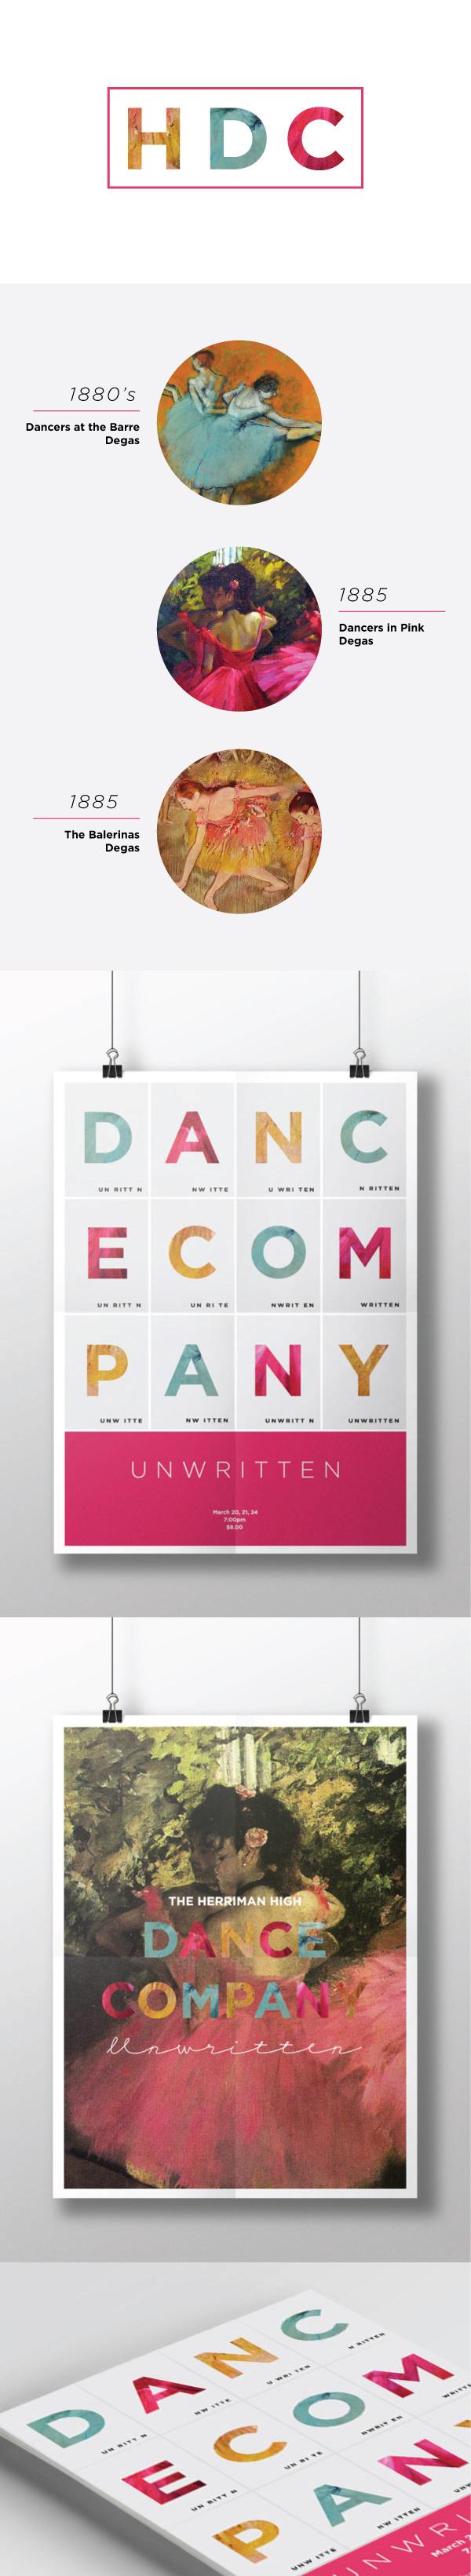 Degas Dance Poster #modern #dance #unwritten #fuschia #degas #poster